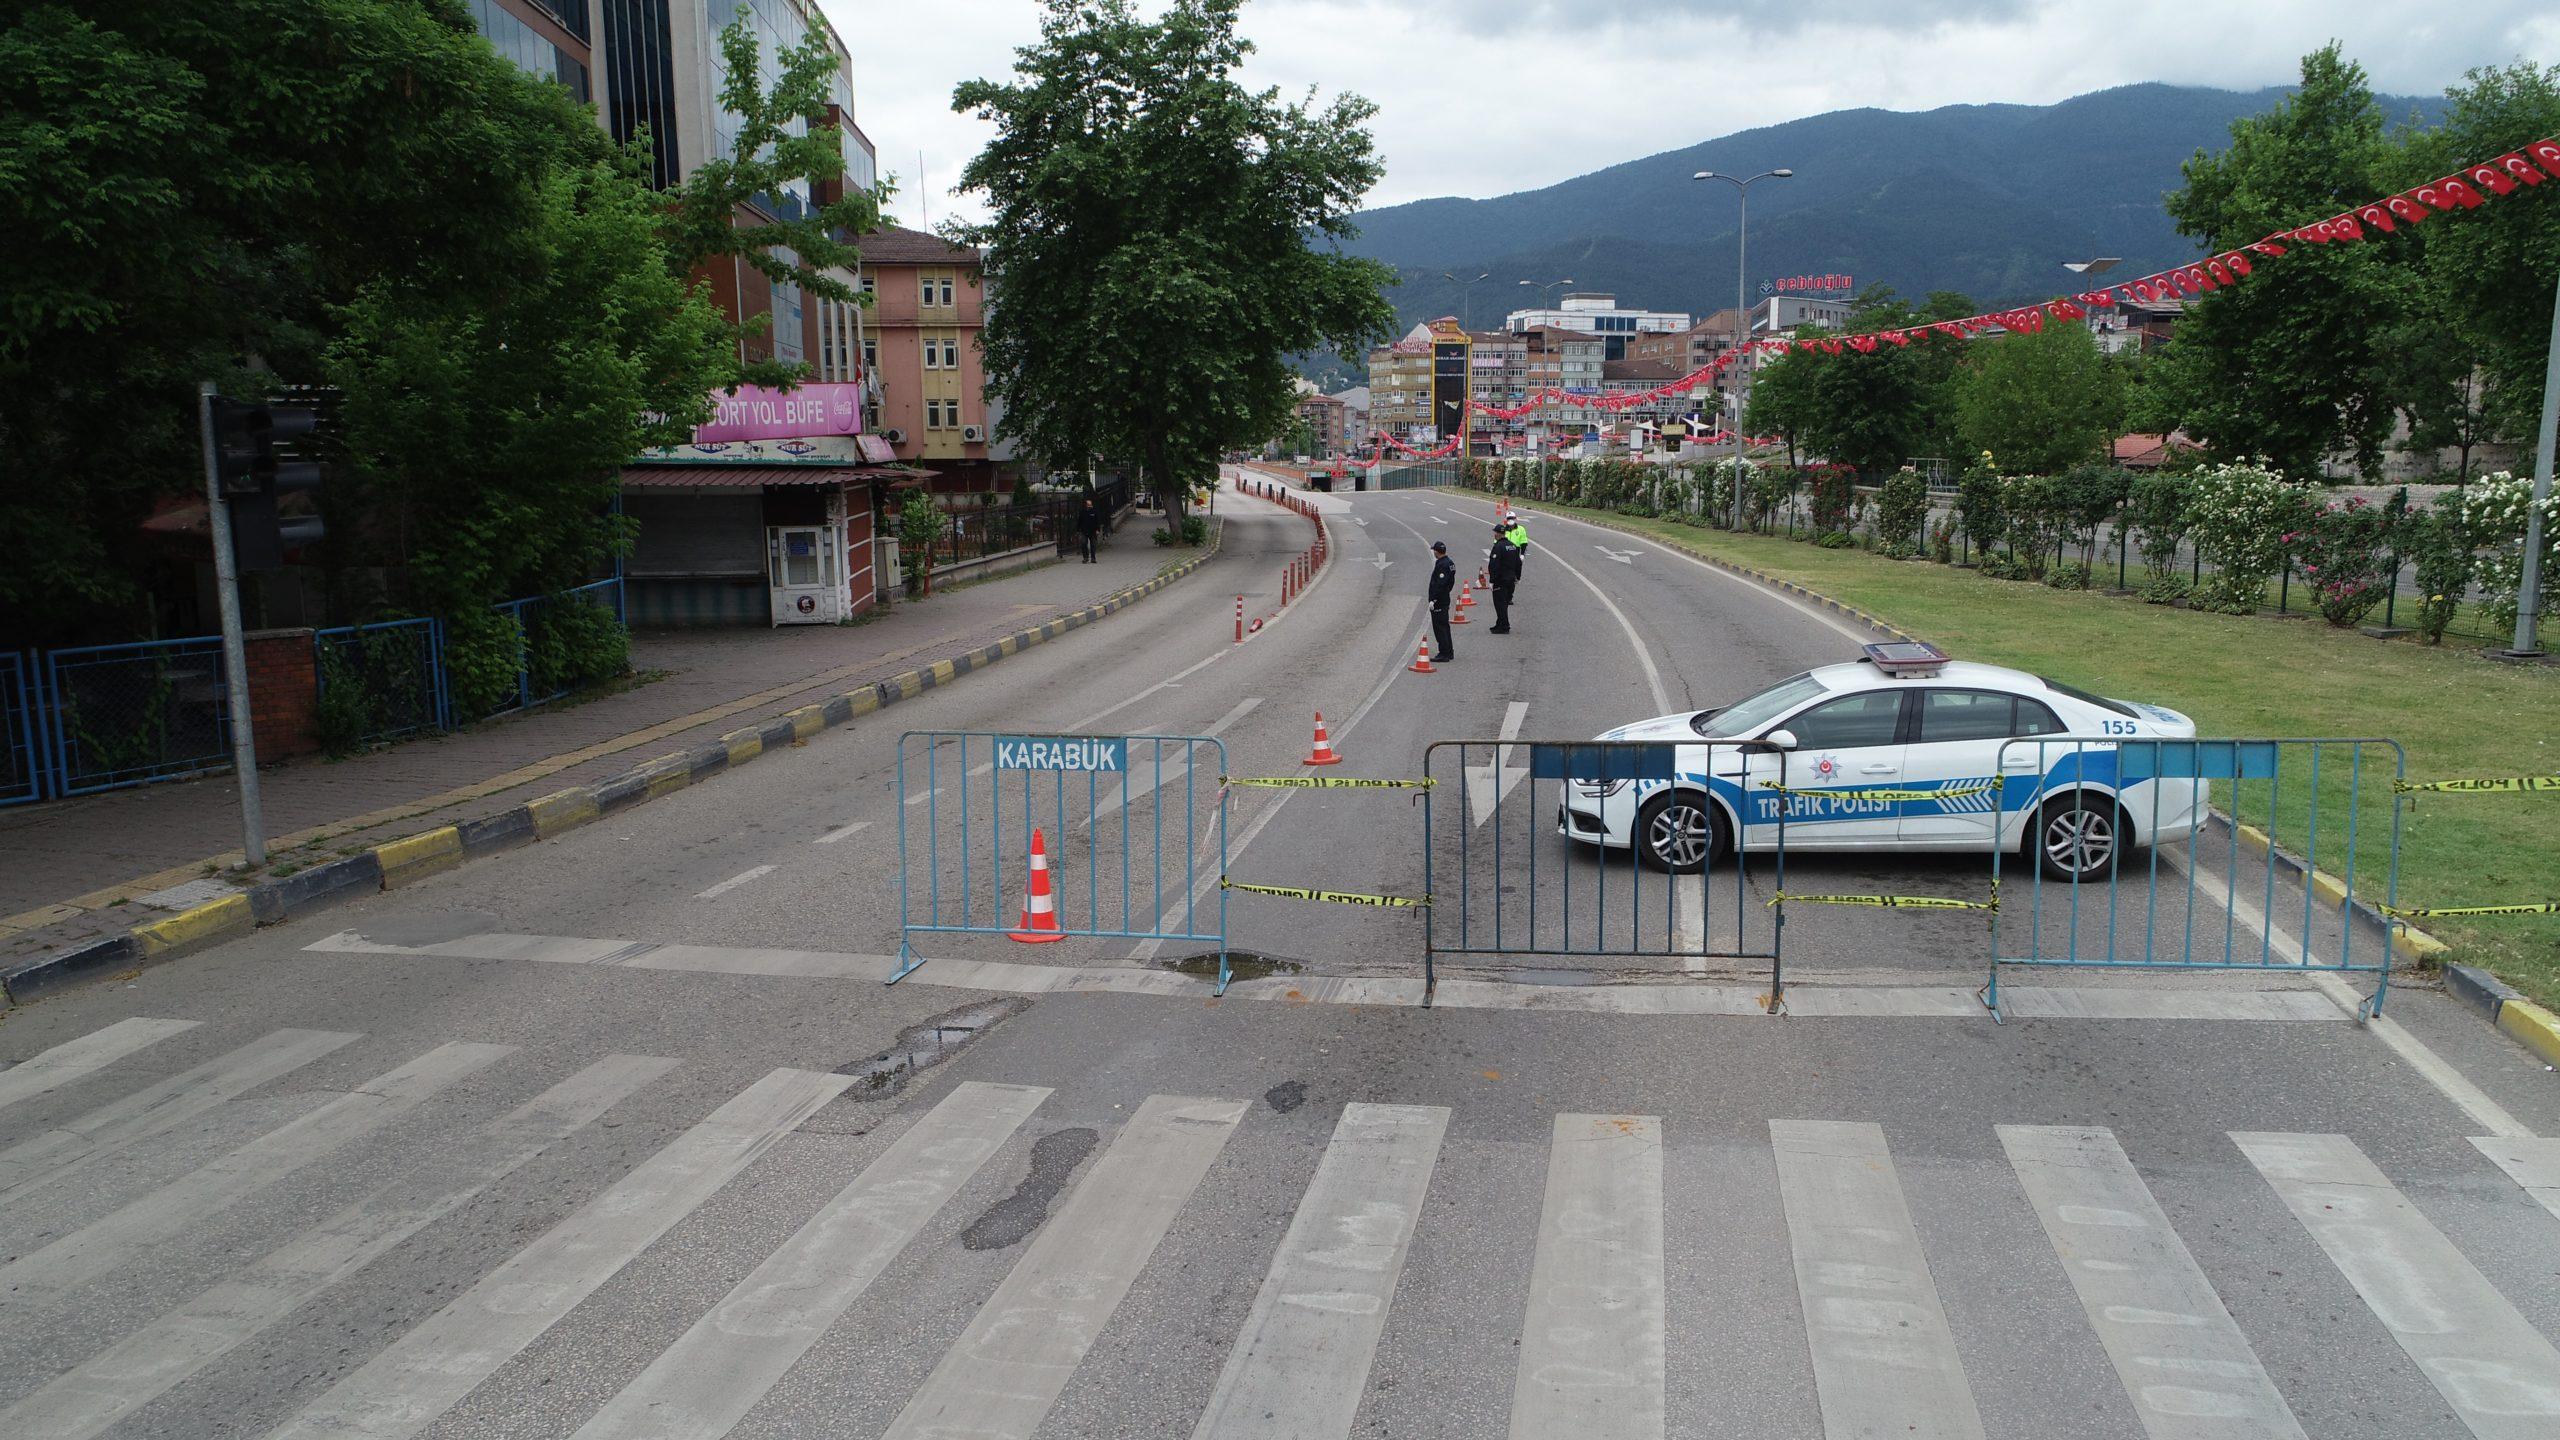 Karabük'te 77 kişiye 219 bin TL ceza kesildi